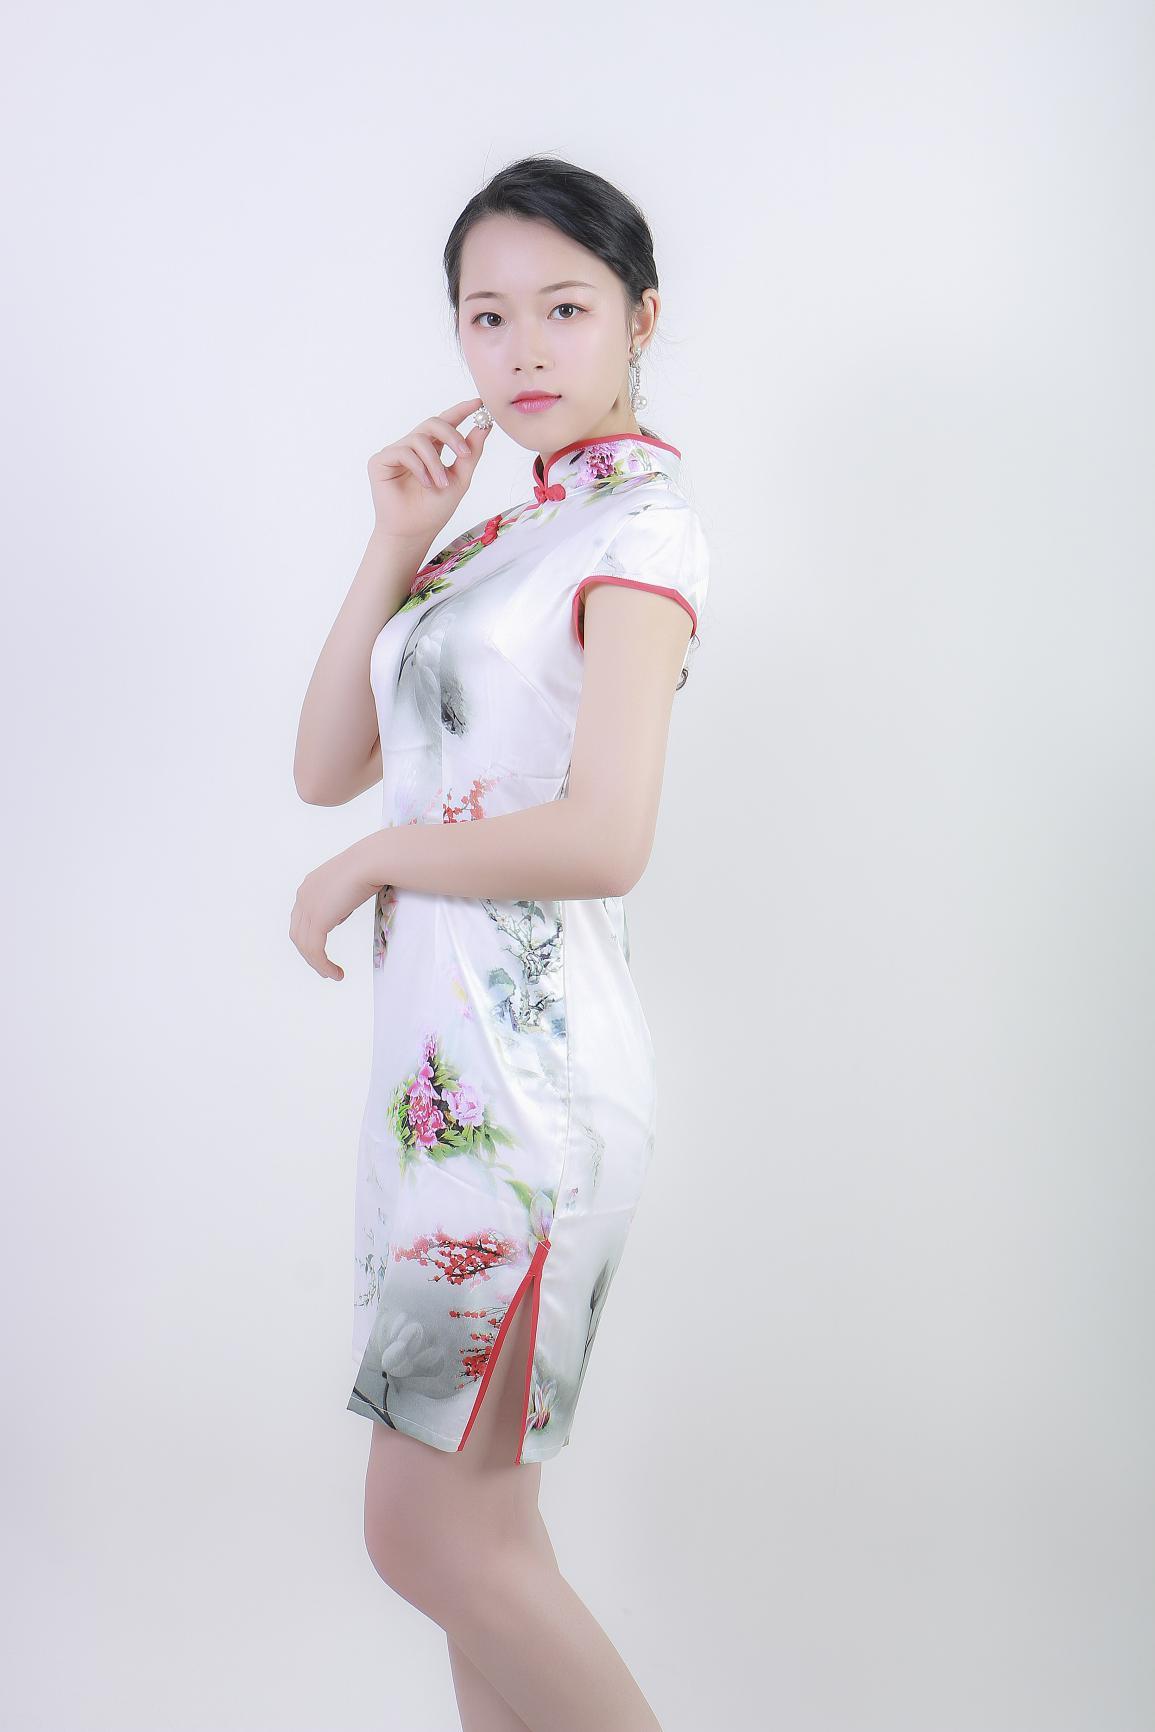 模特谢雨欣-甜美淑女风格,演艺之路新起航